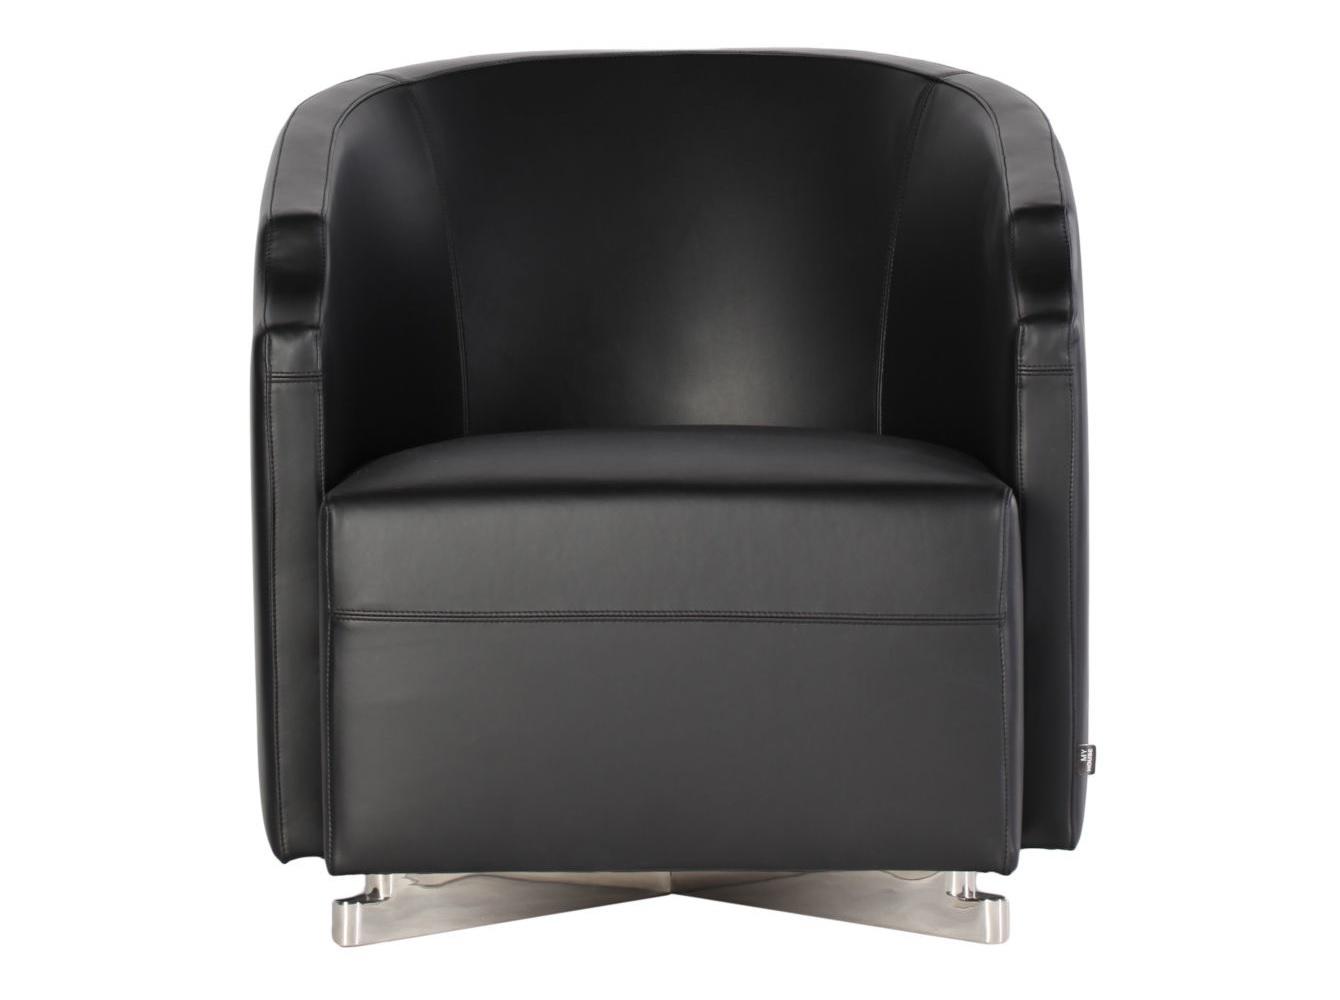 Кресло Arma blackКожаные кресла<br><br><br>Material: Кожа<br>Ширина см: 67<br>Высота см: 72<br>Глубина см: 80